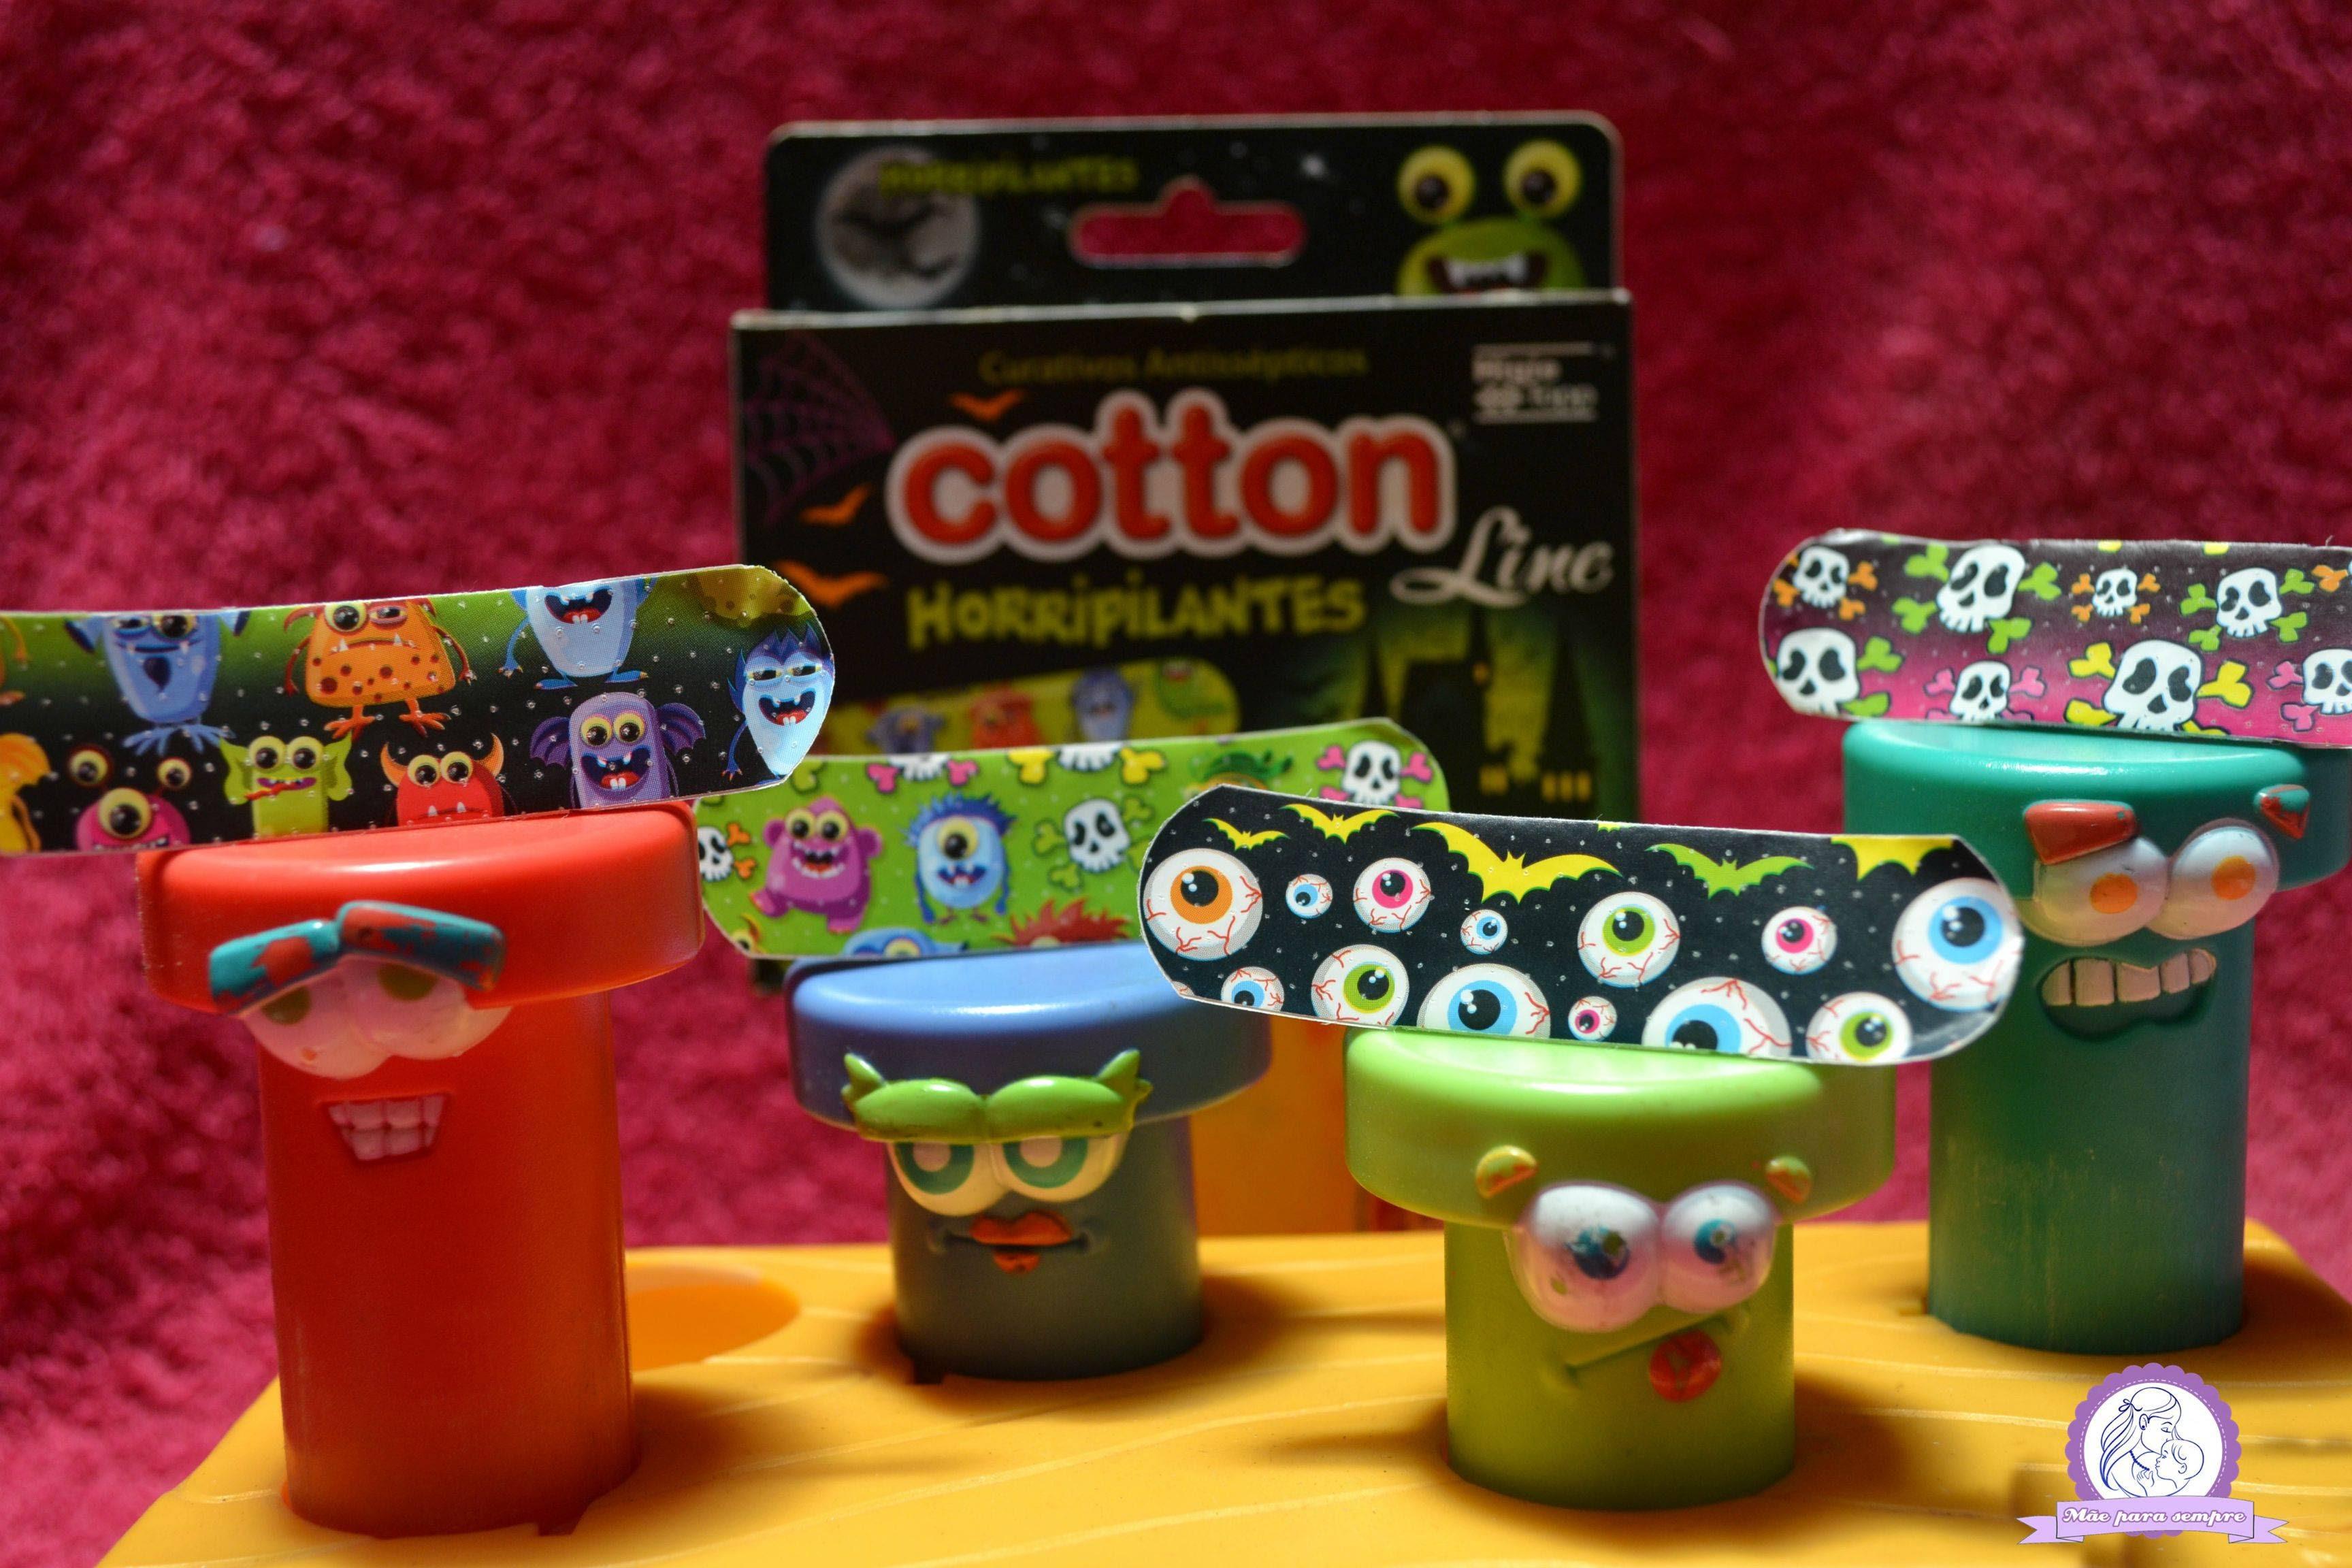 Medo curativos cotton line ajudam nessa superação